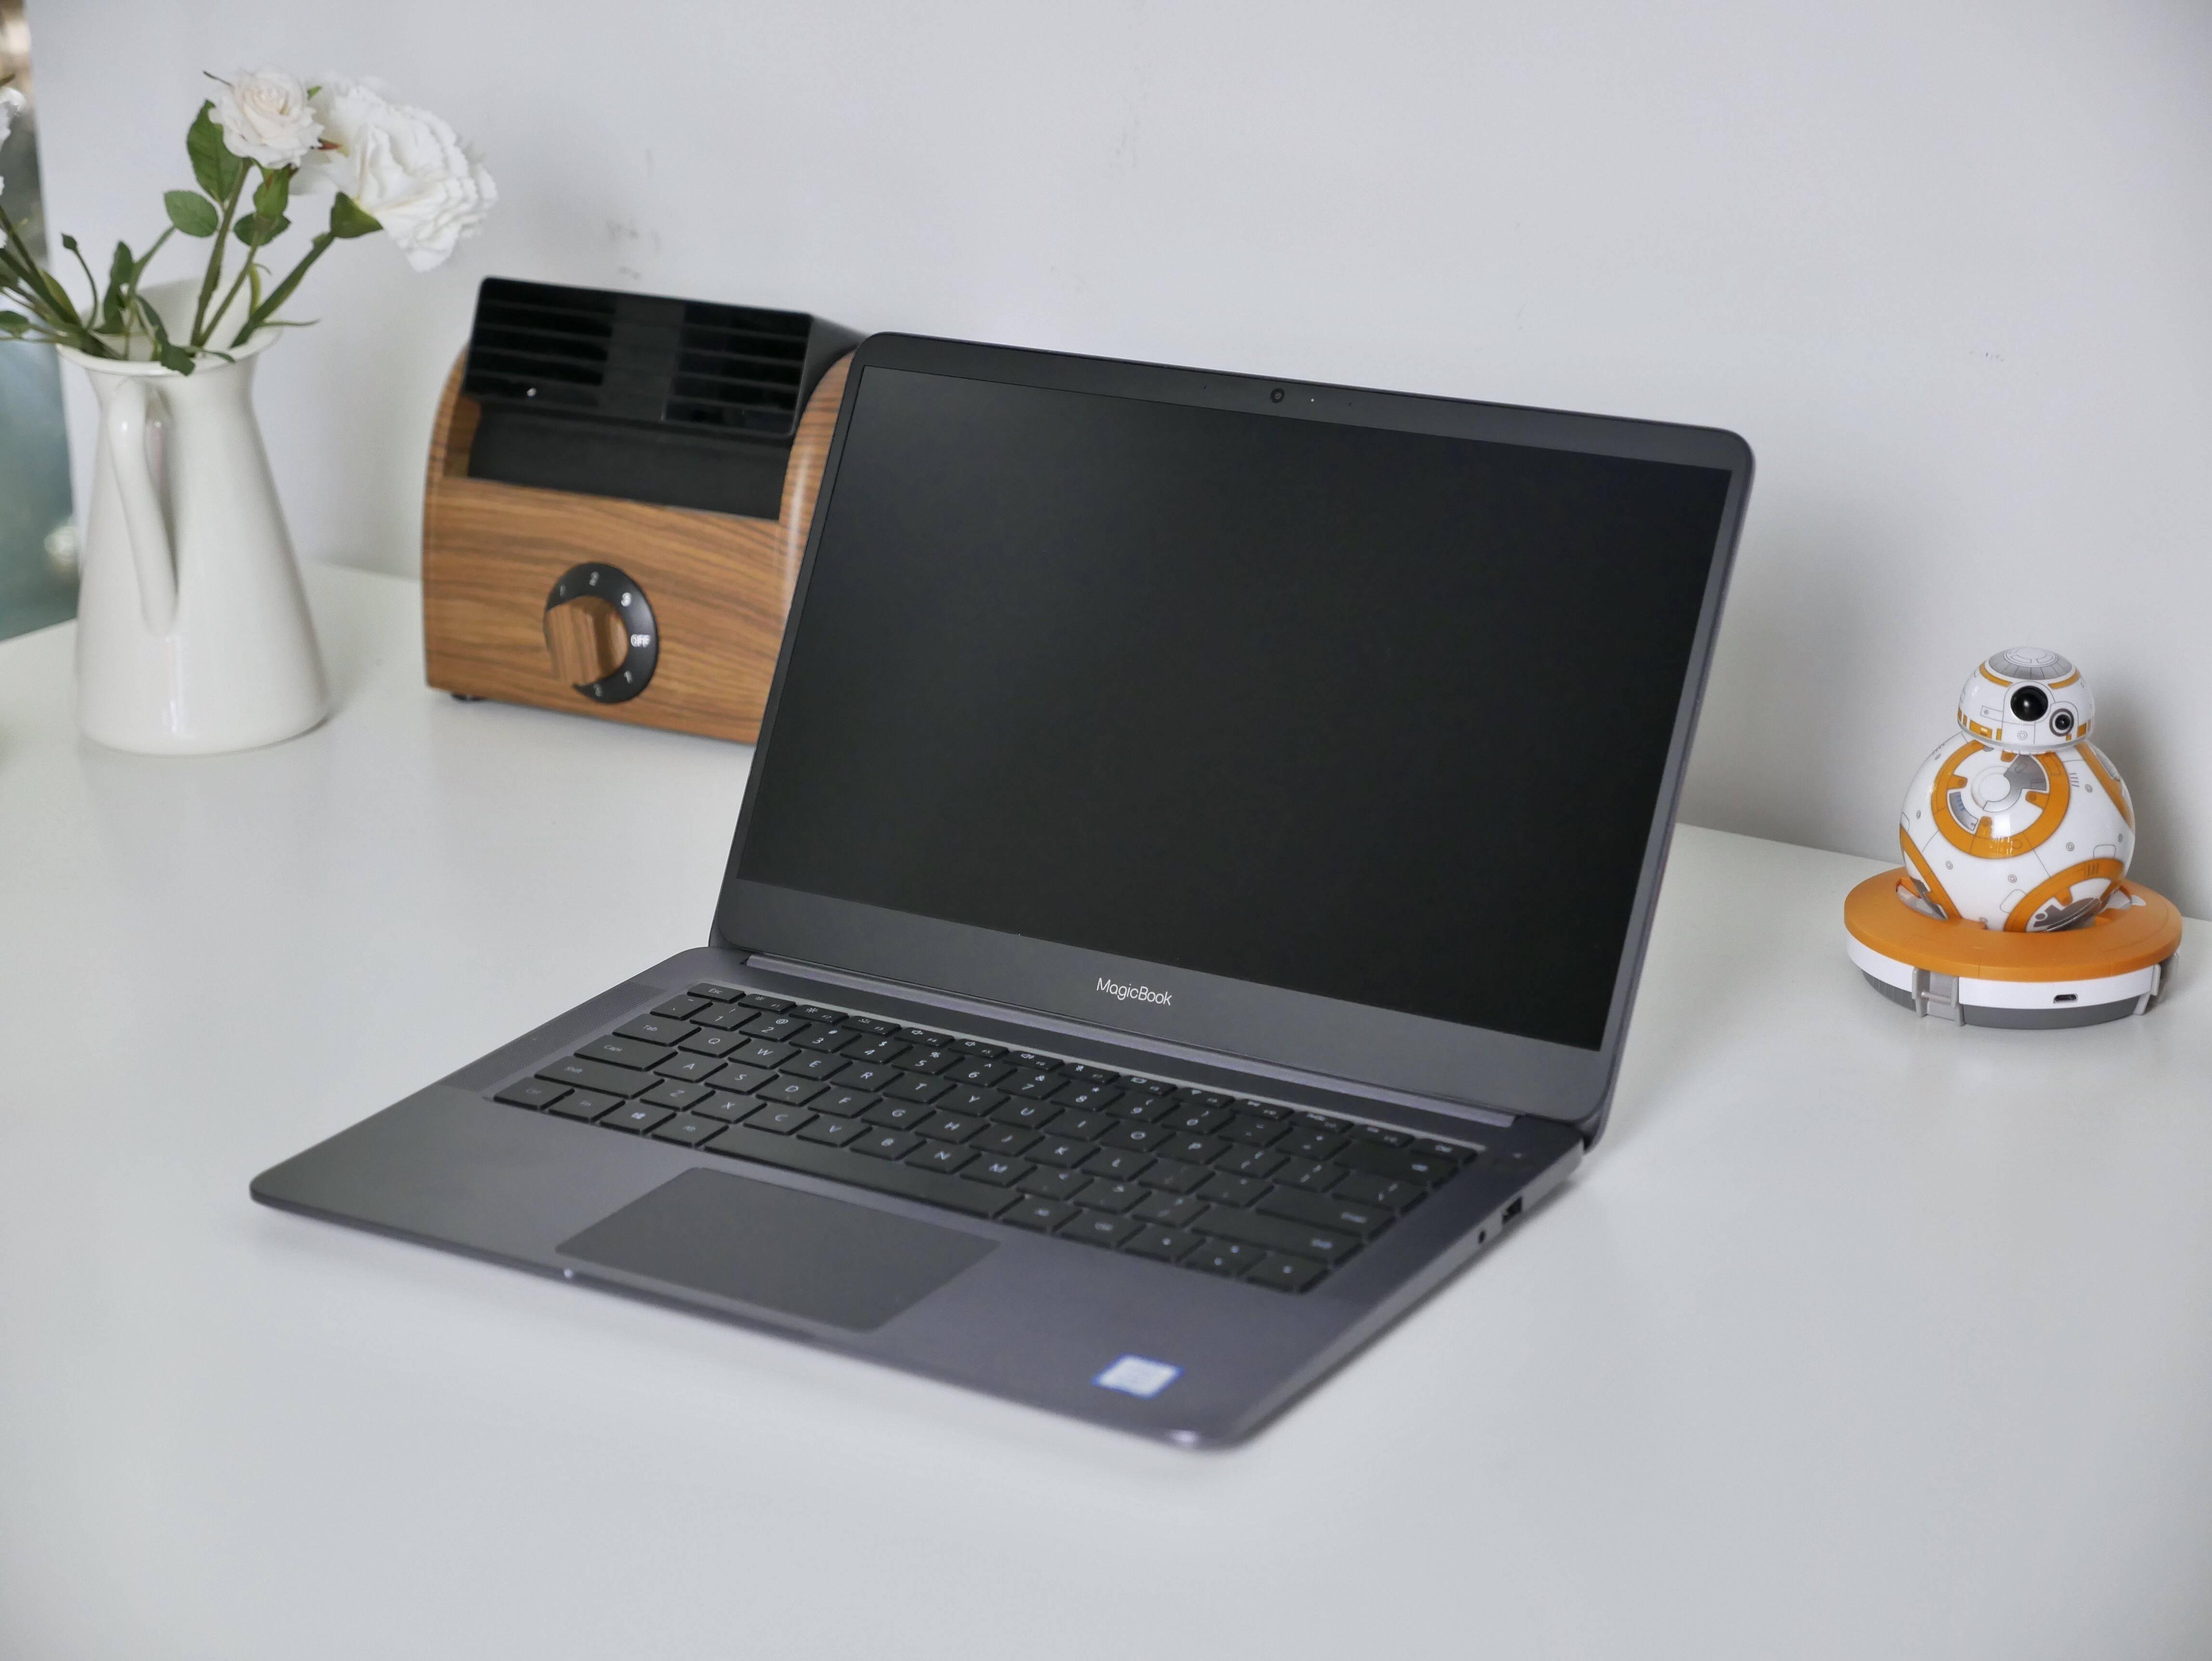 """均衡中带着""""激进""""!荣耀第一款笔记本电脑——MagicBook上手评测"""